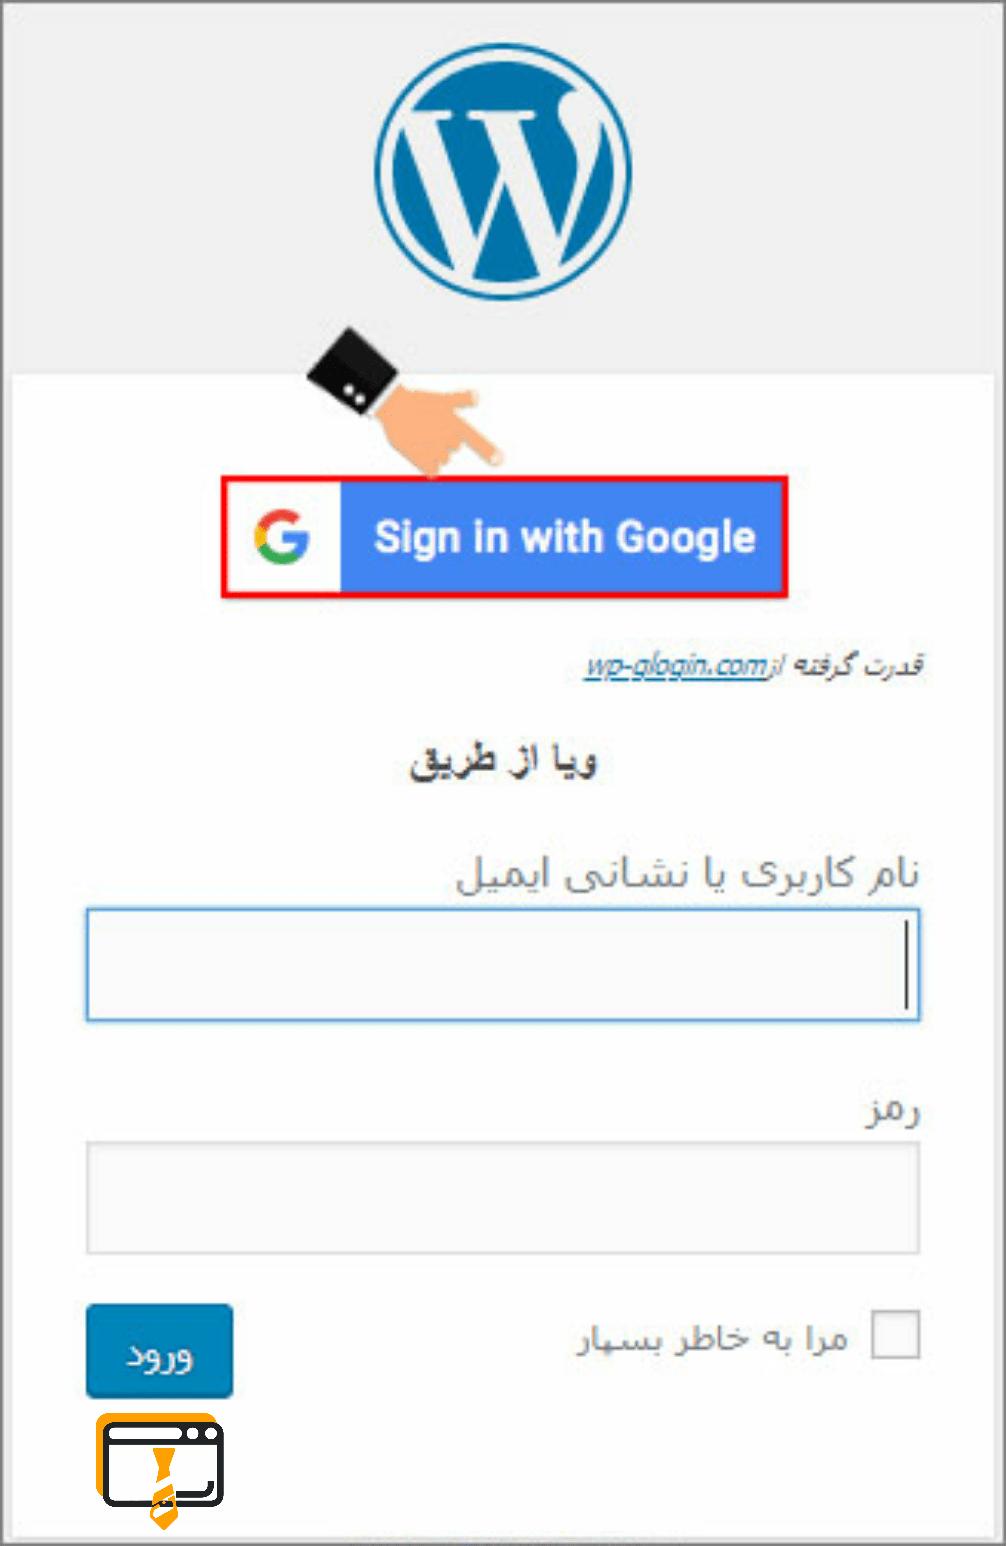 ورورد با گوگل در وردپرس